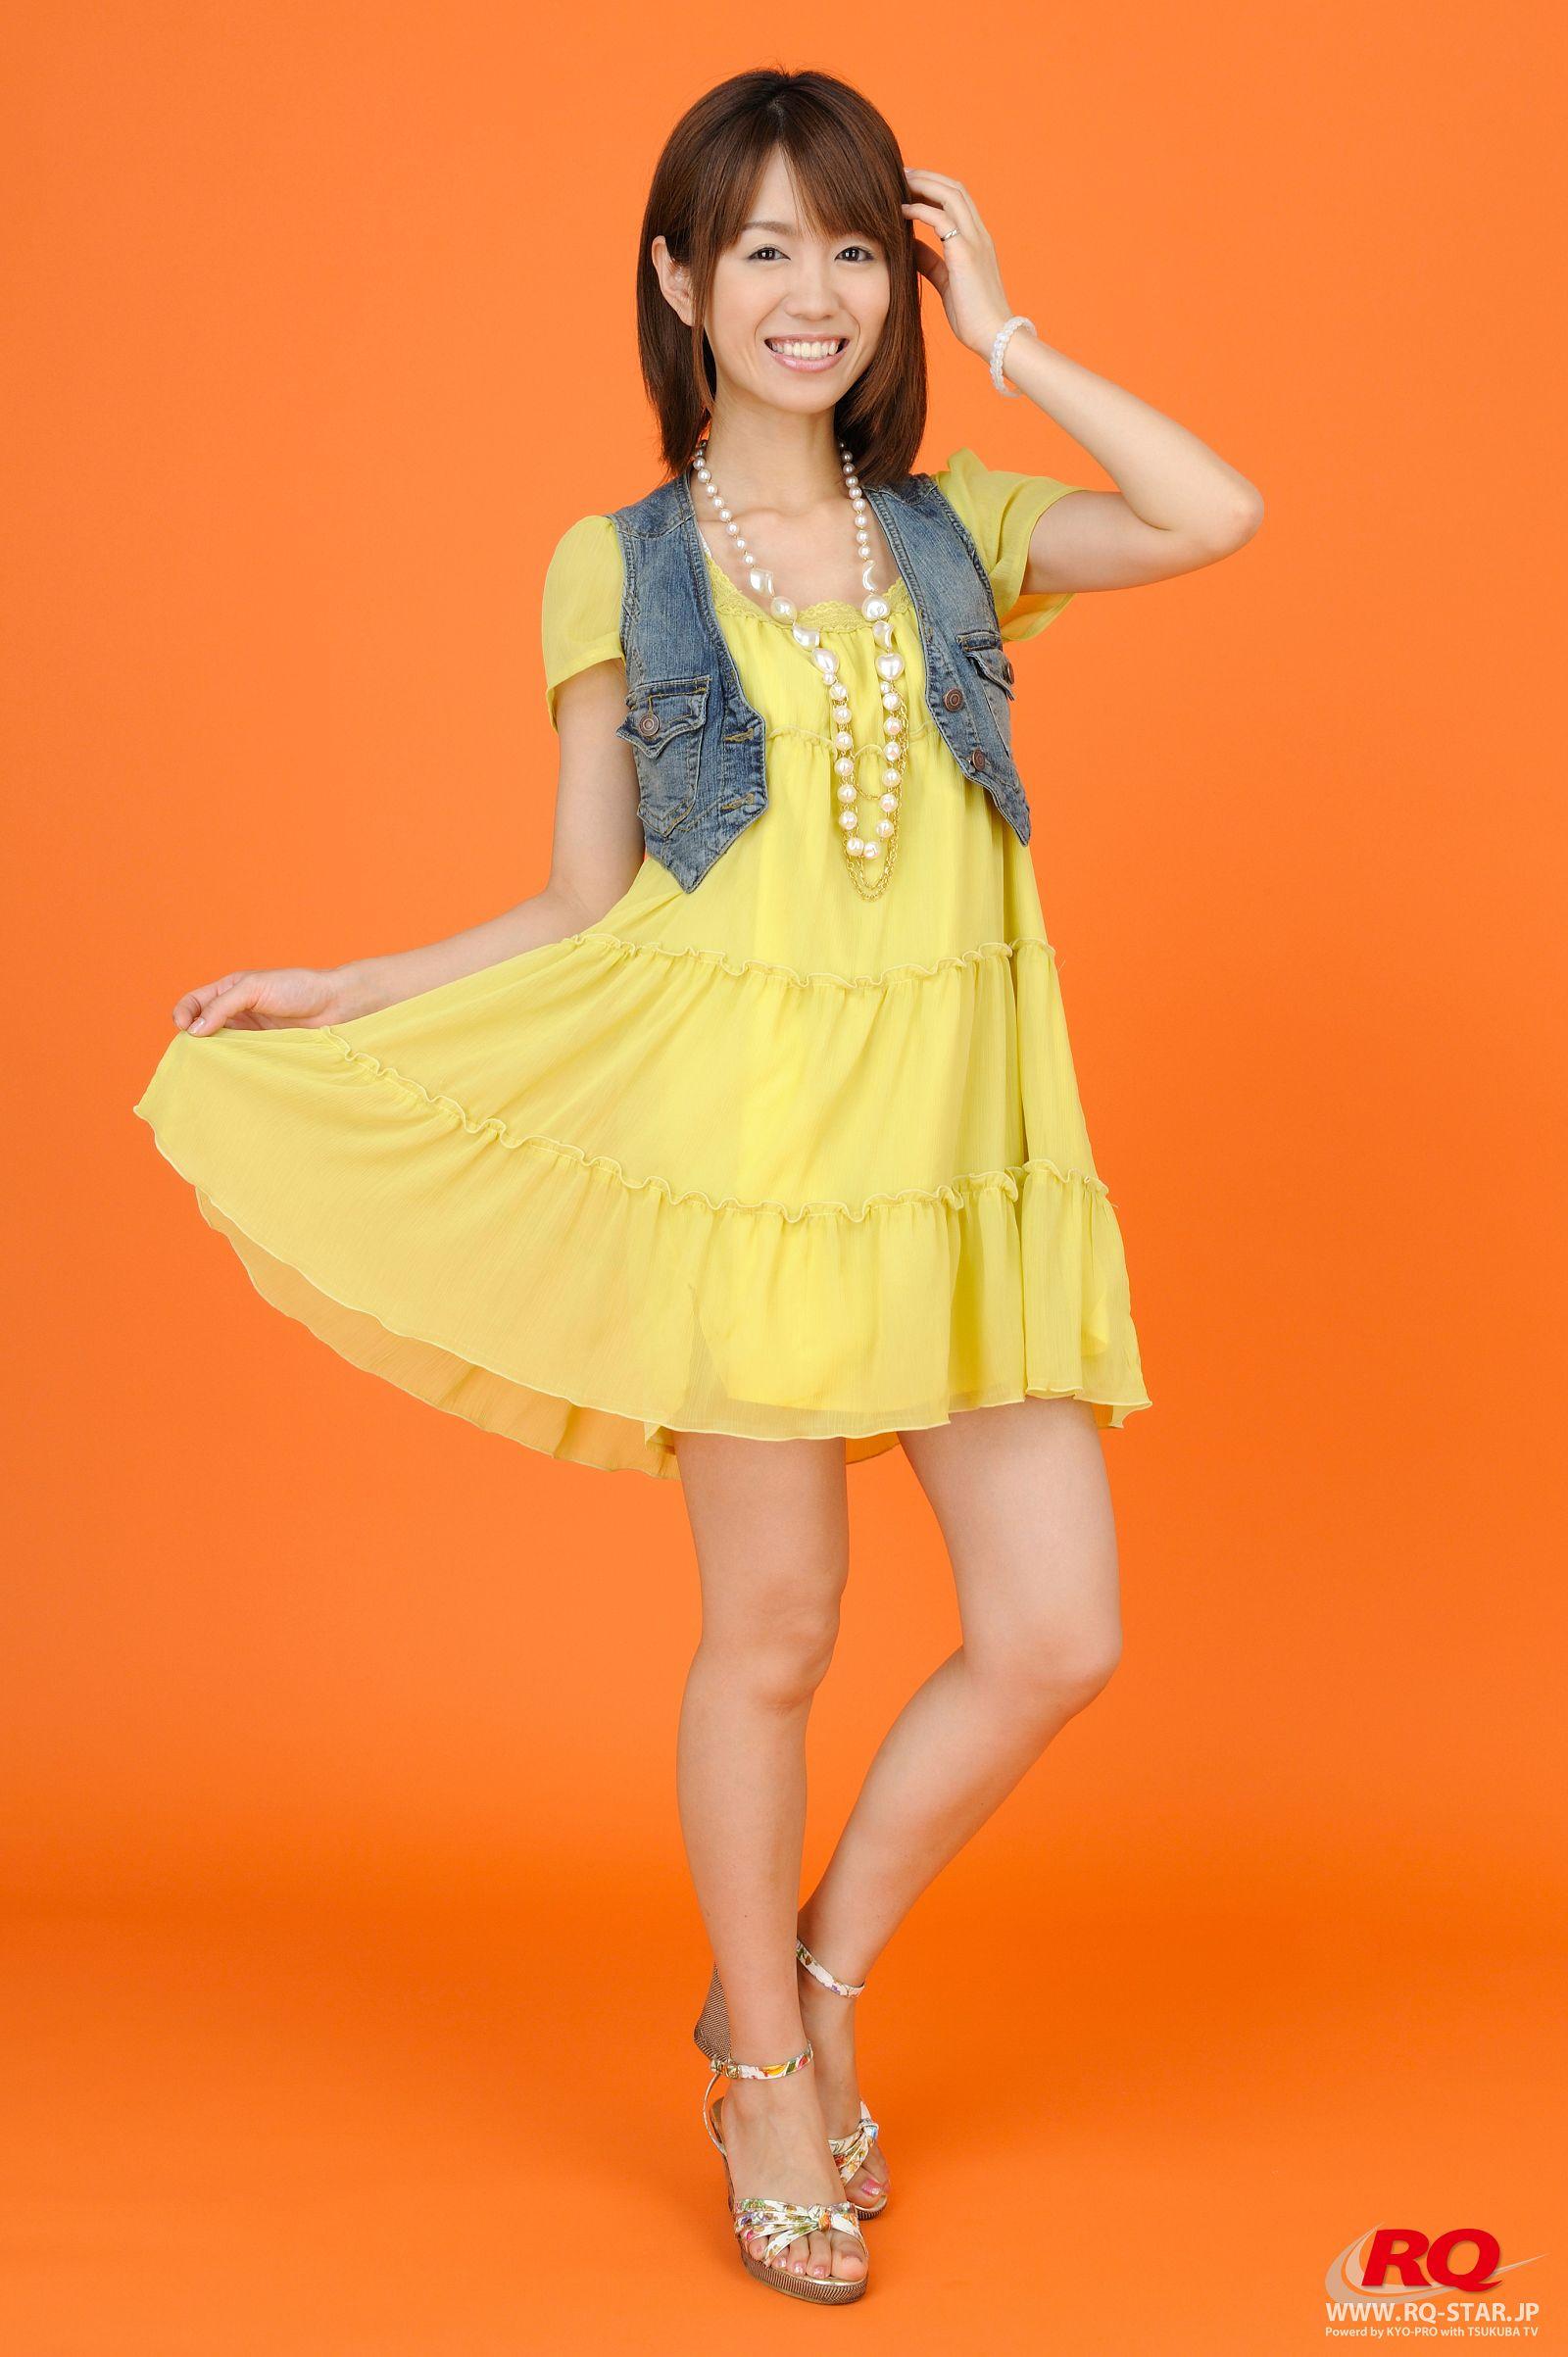 [RQ STAR美女] NO.0057 Kotomi Kurosawa 鼪g琴美 Private Dress[95P] RQ STAR 第1张